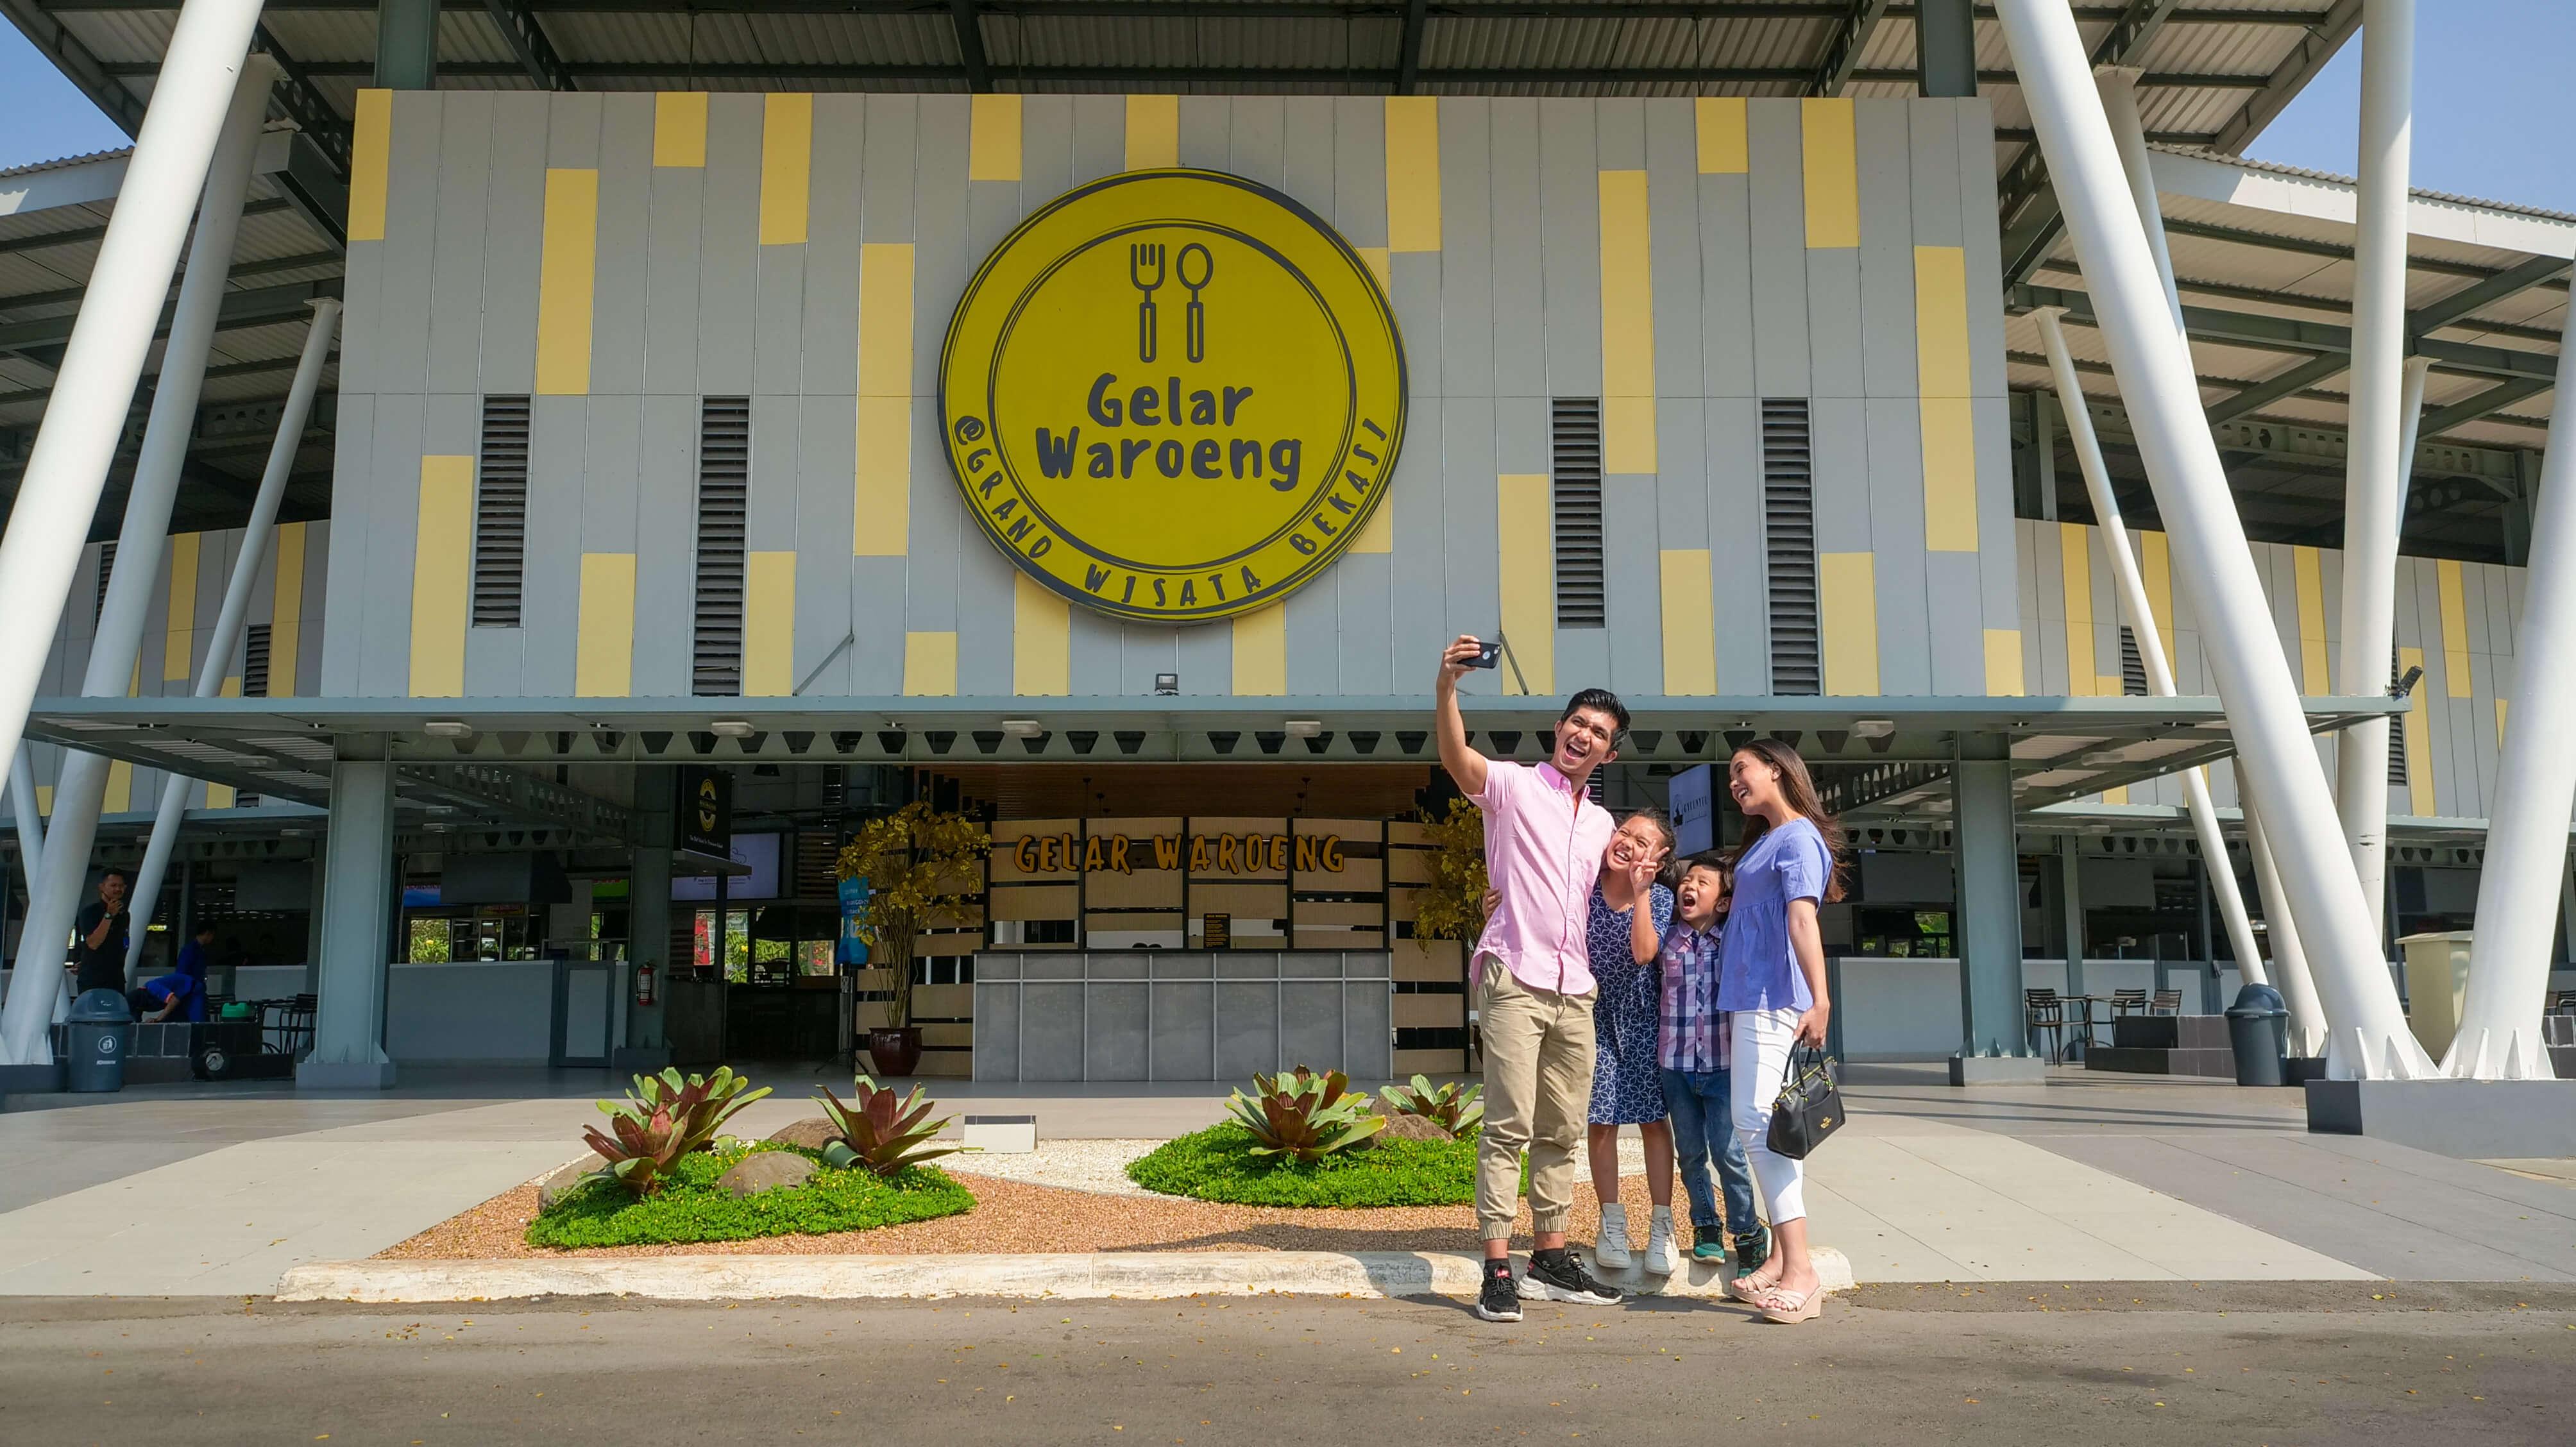 Image Gelar Waroeng 7